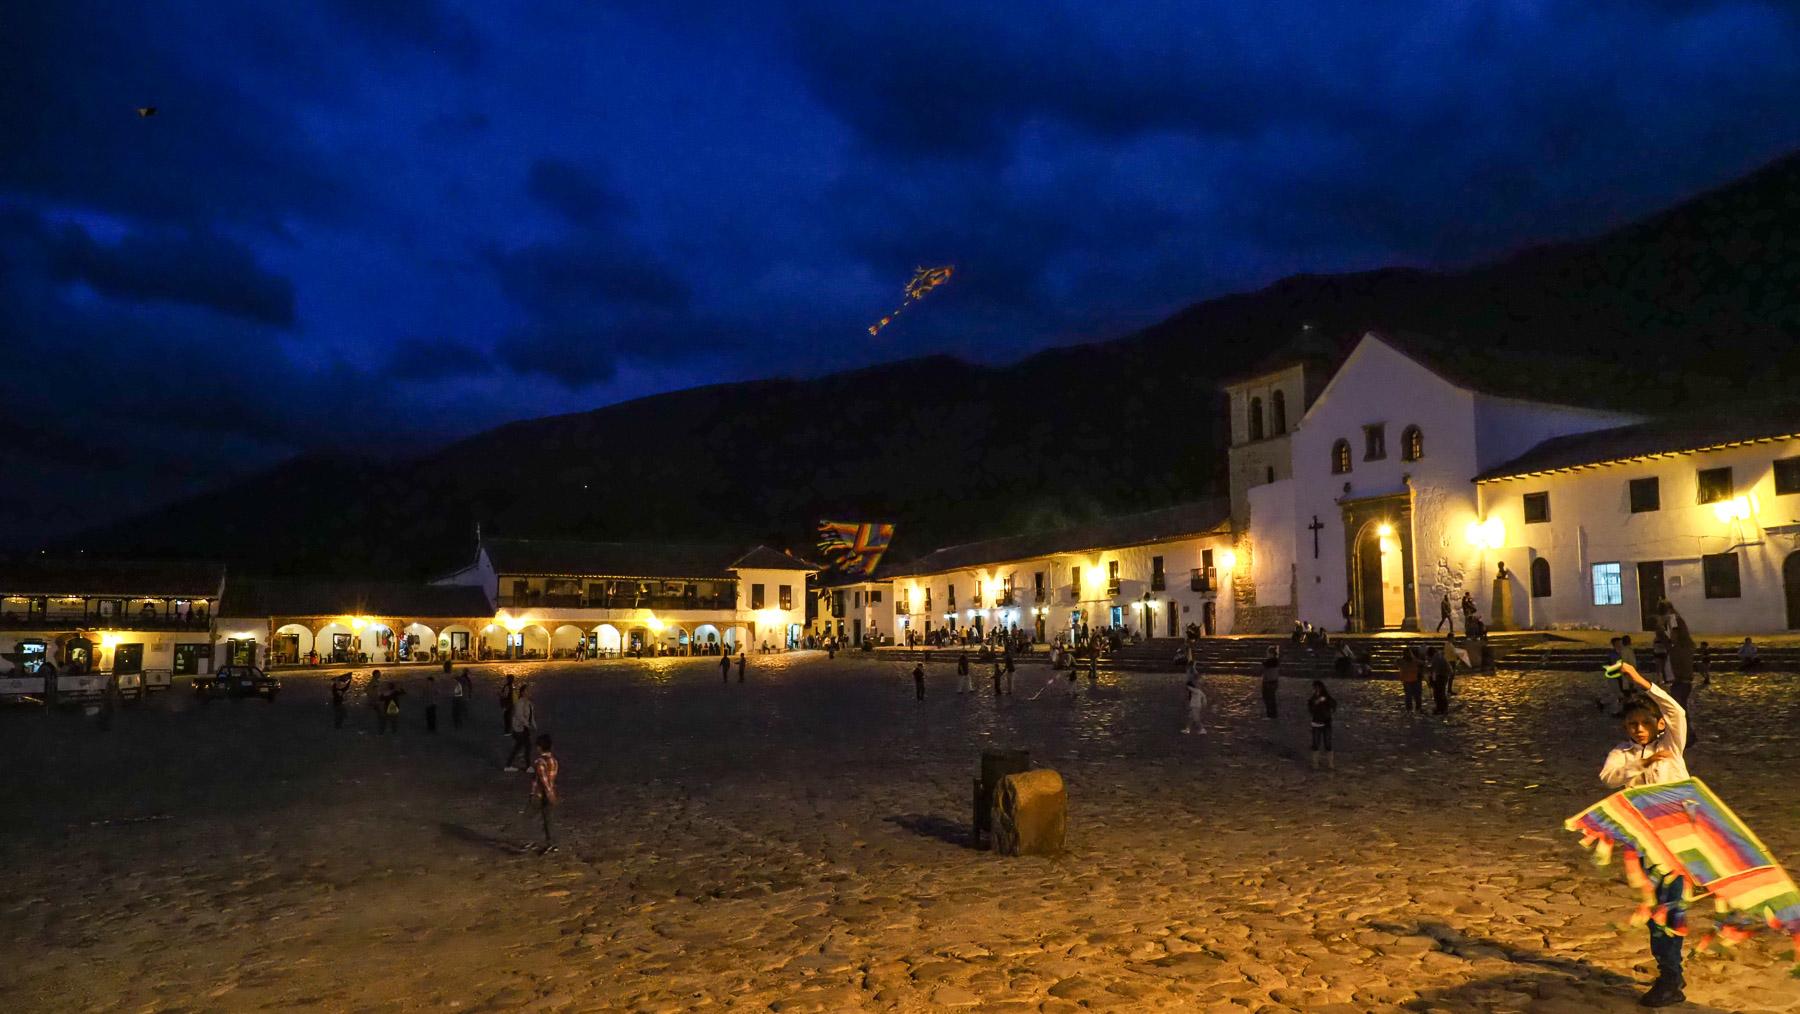 Drachensteigen am Abend auf dem Dorfplatz